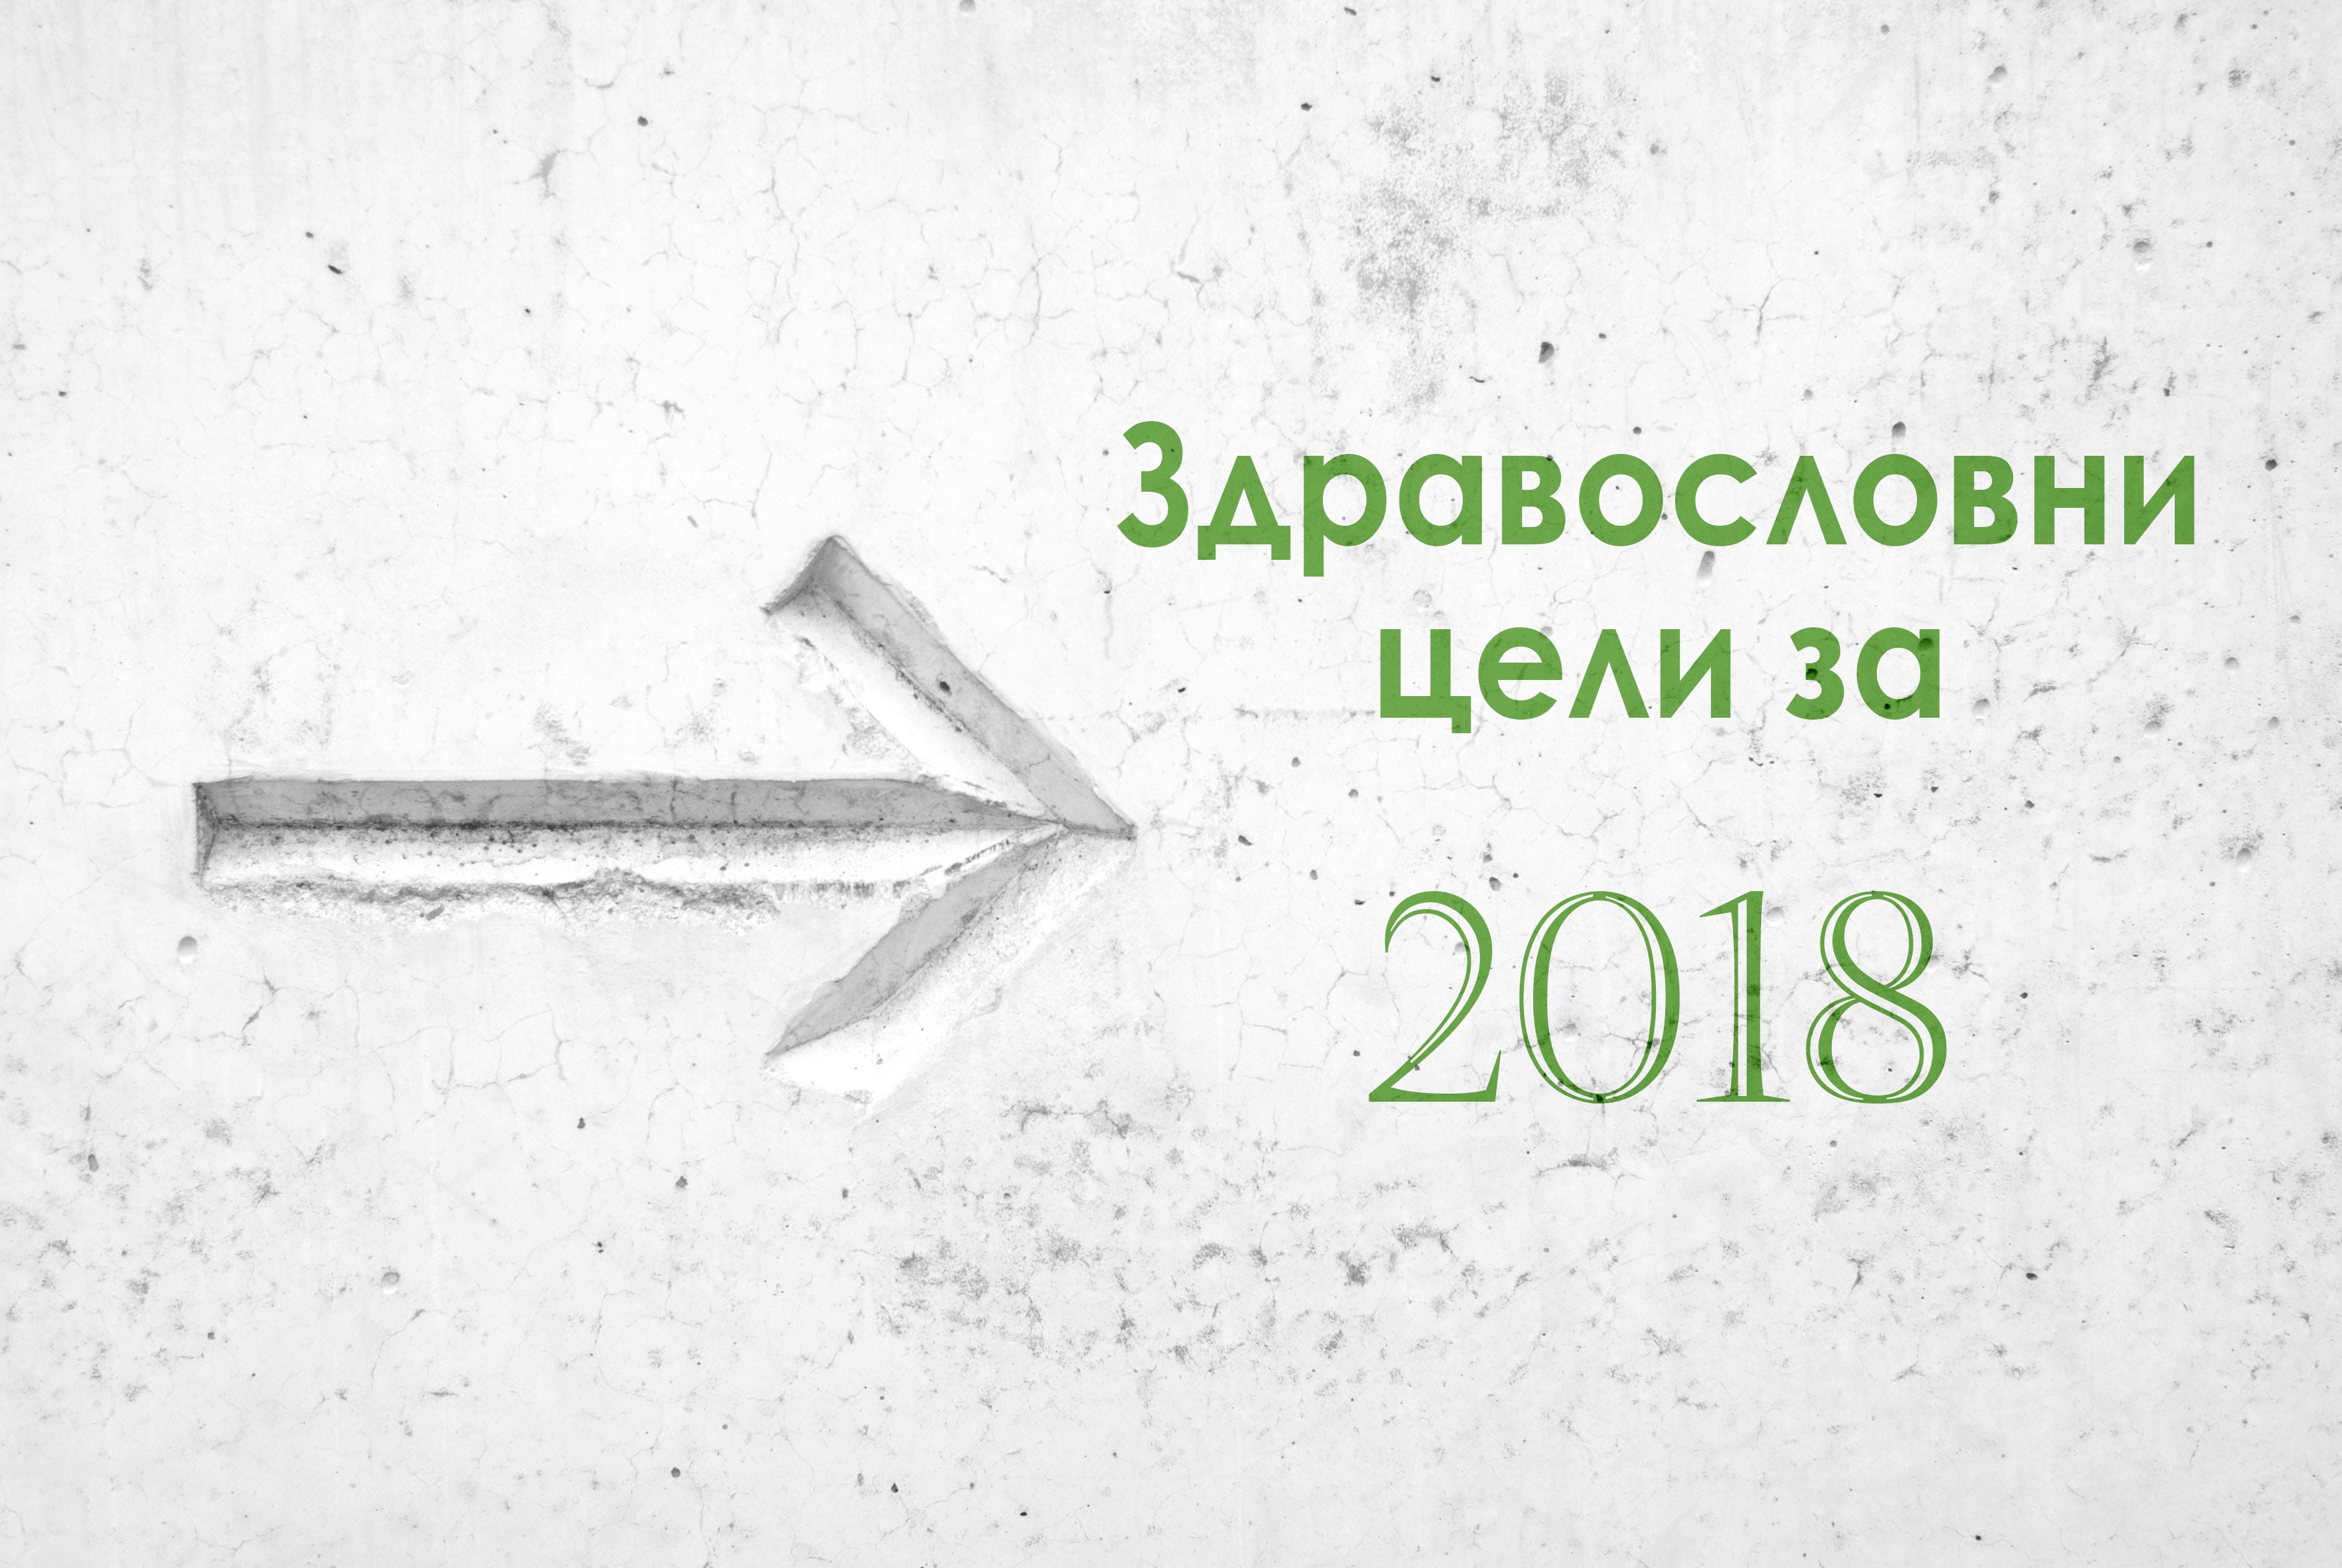 Моите здравословни цели за 2018-та година